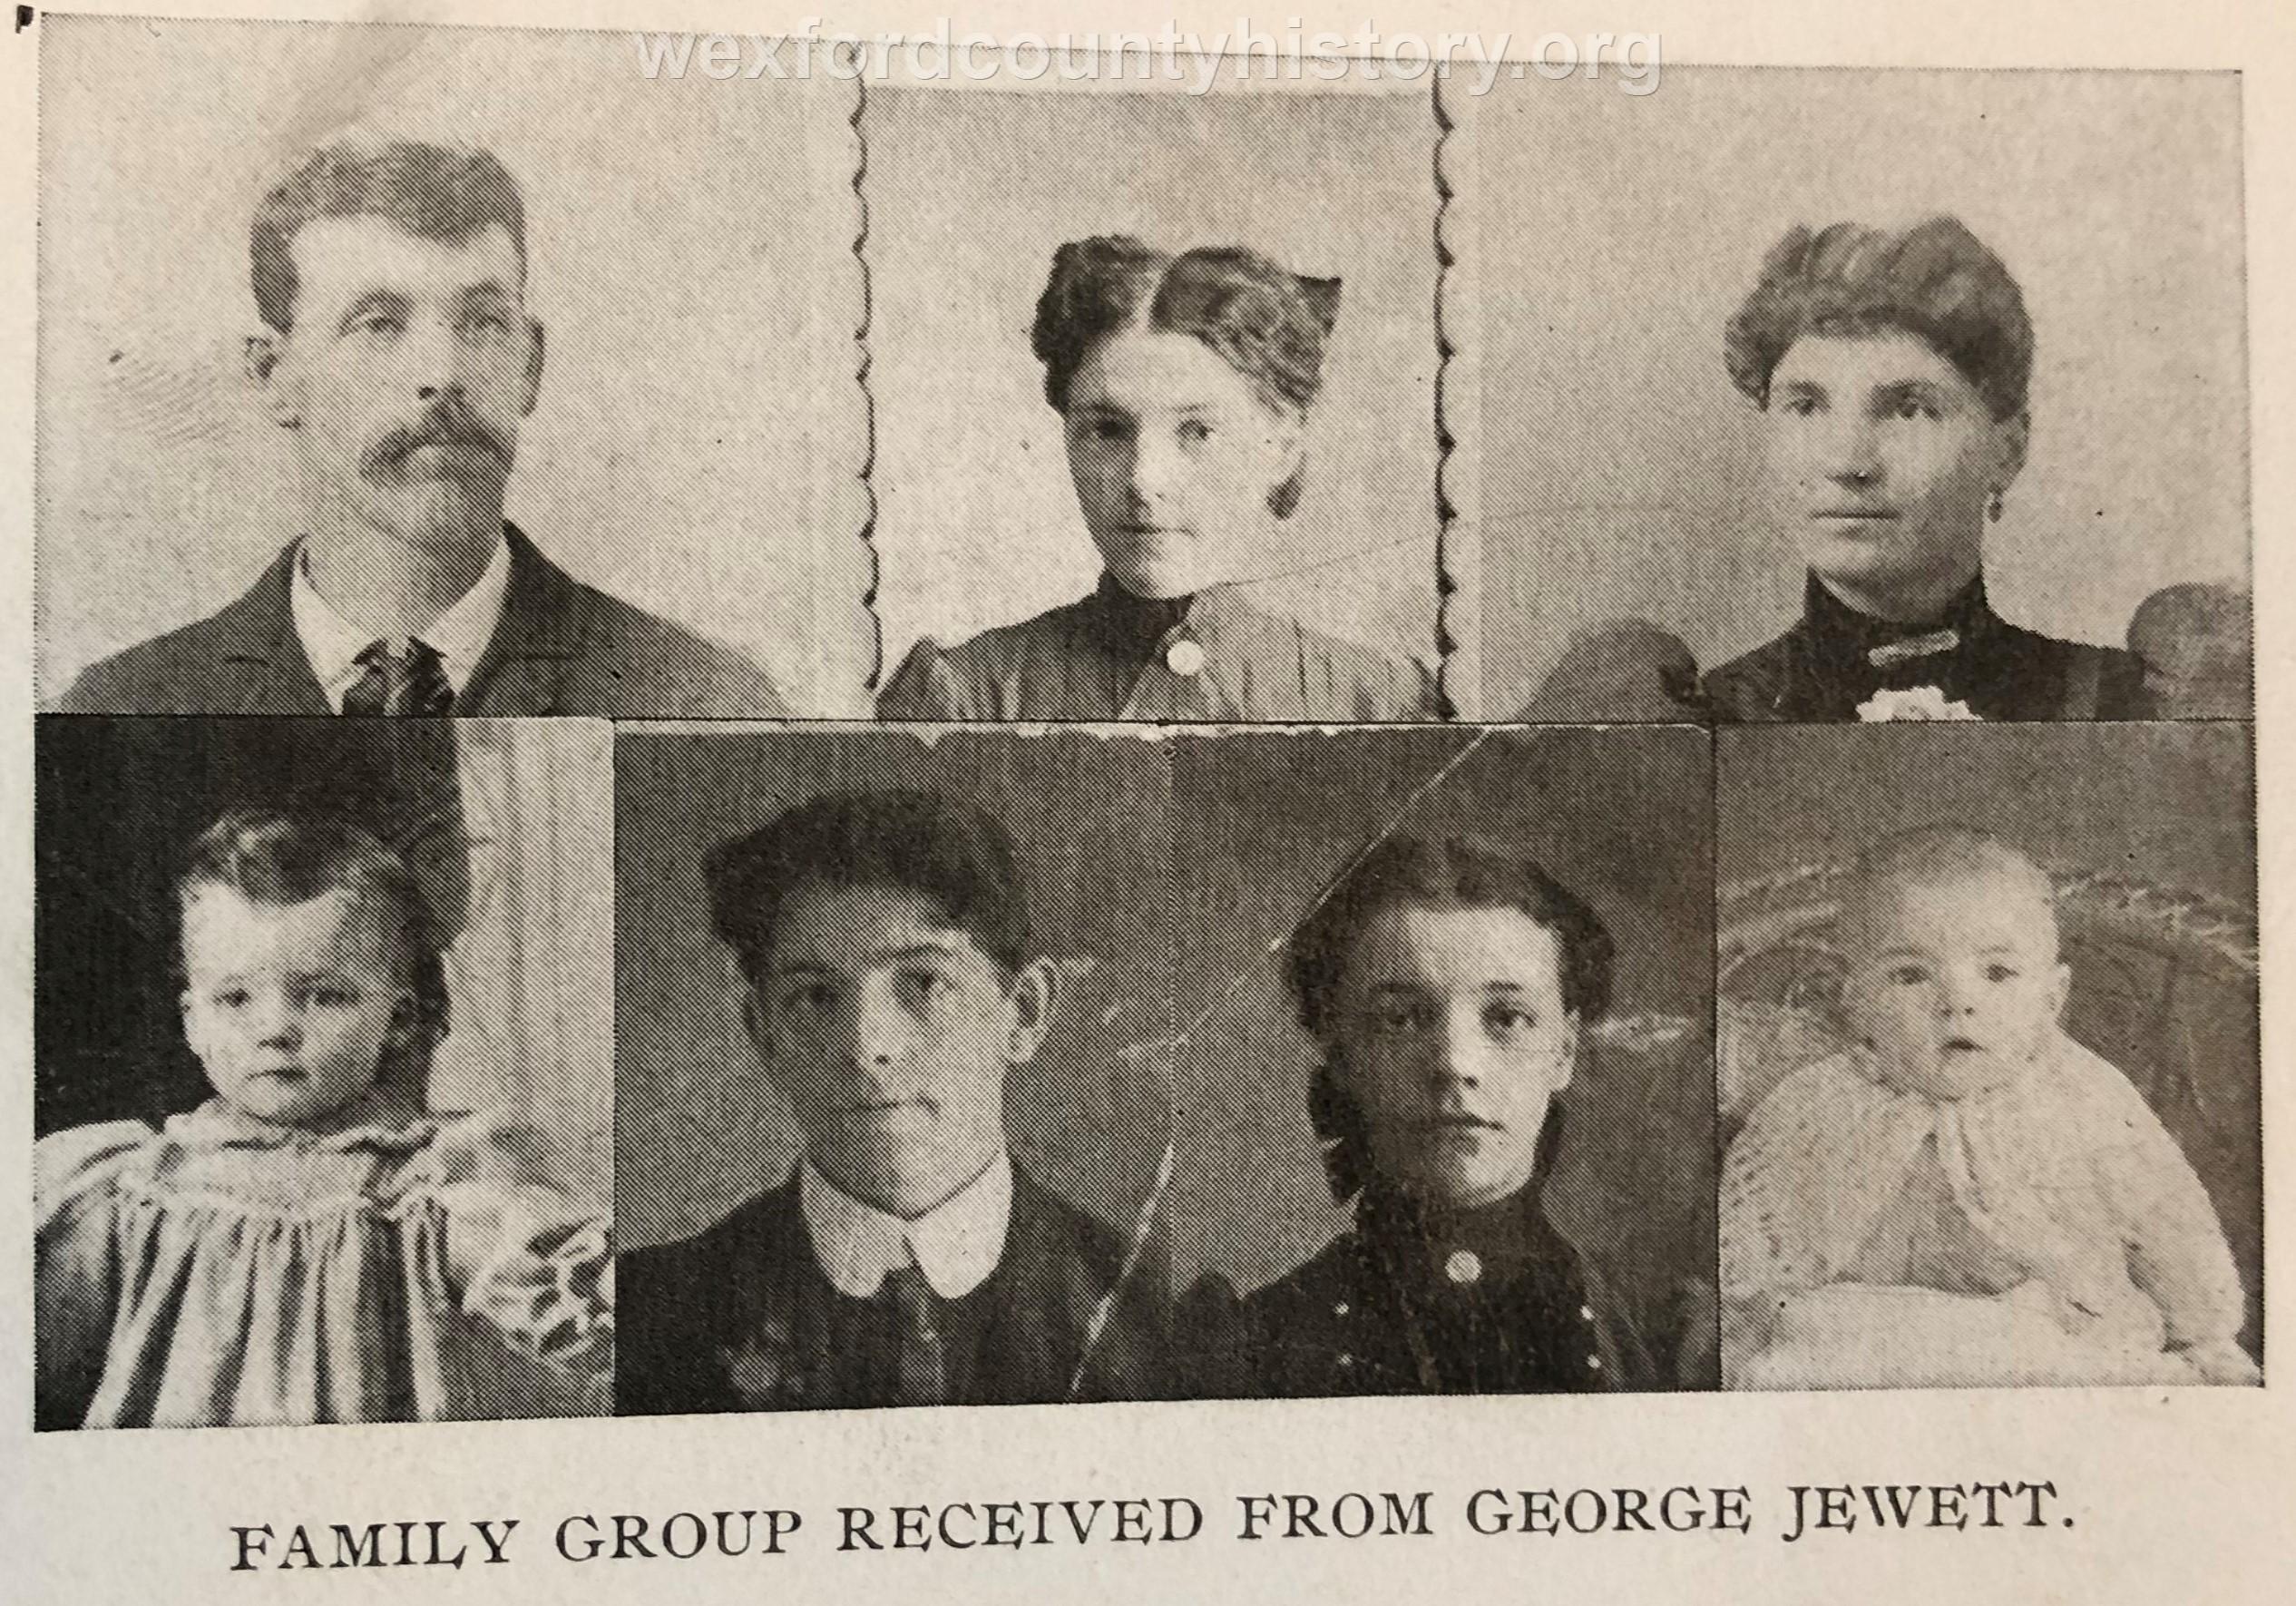 George Jewett Family